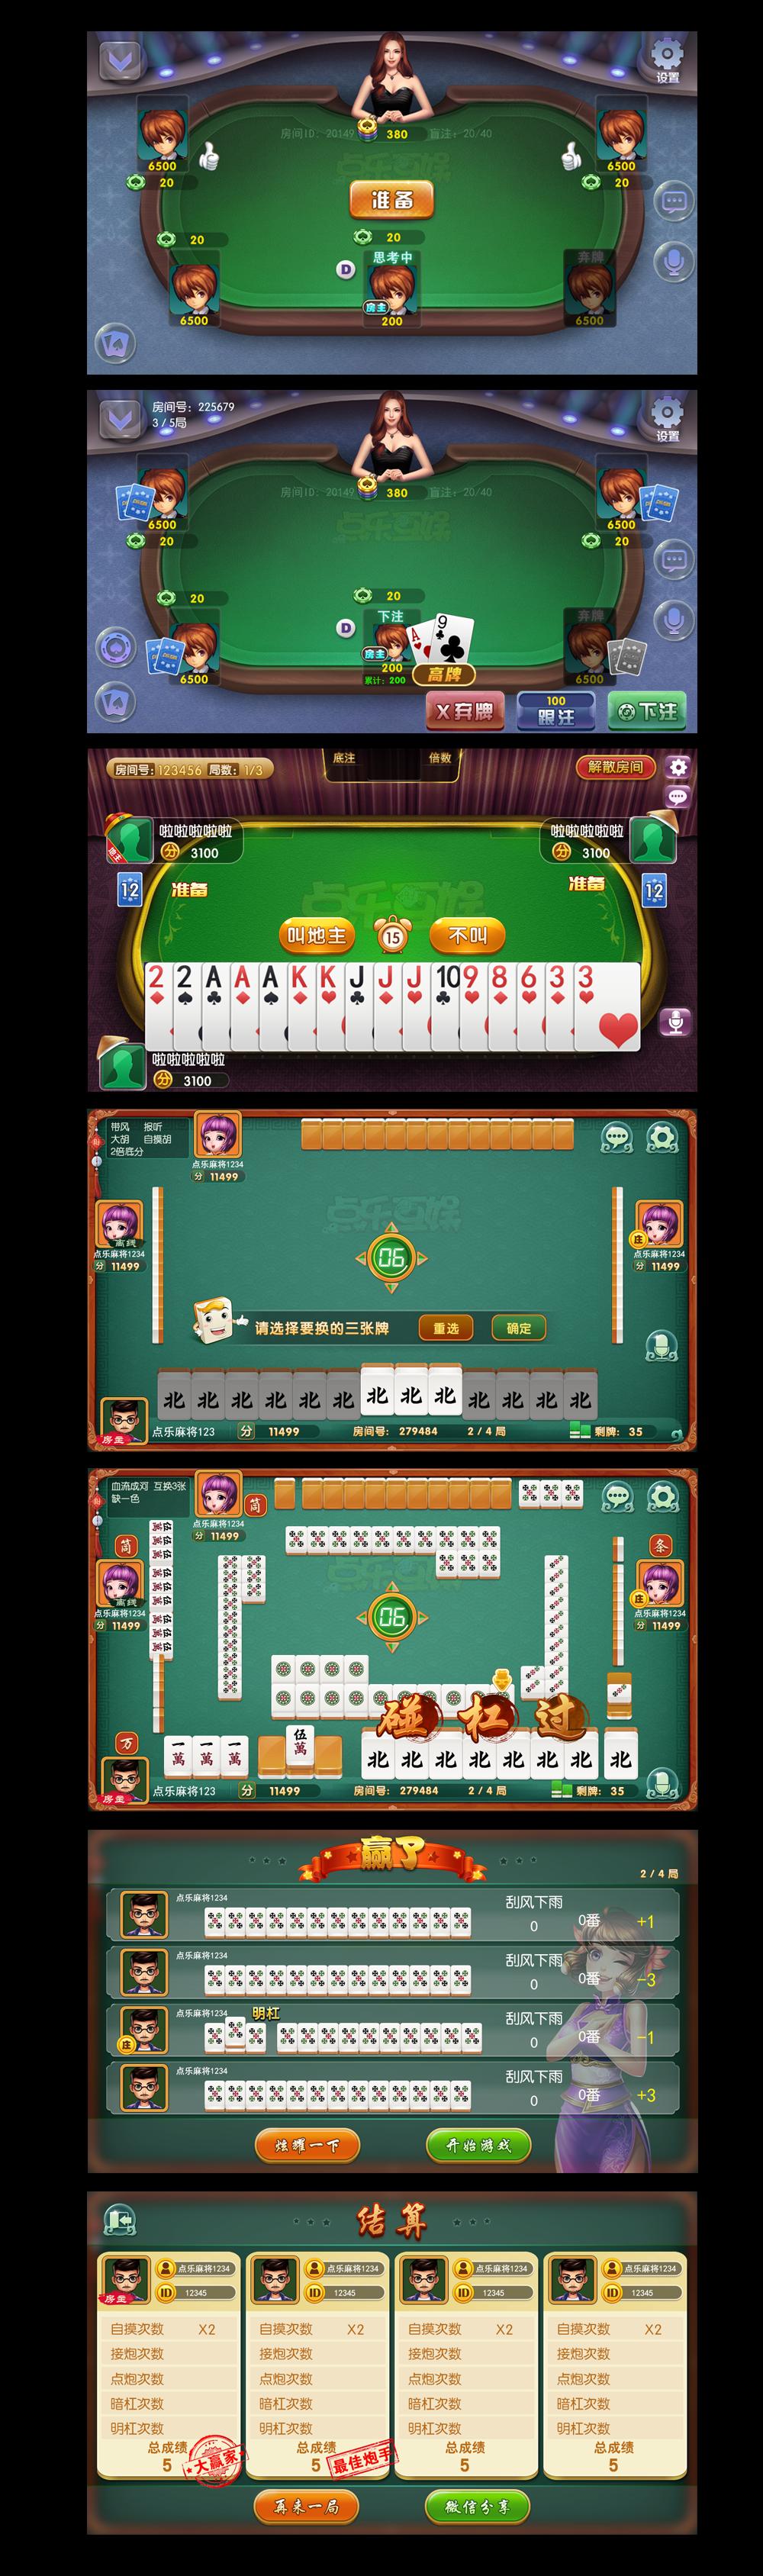 希望这些手机上的棋牌游戏大全和棋牌游戏大厅能够磅数大家打发时间、劳逸身心哦!棋牌游戏大厅同时还能够和诸多网友们好友们一起打牌无论是棋类还是牌类,都是很好的.手机玩不了棋牌游戏_搜狗知识(全部约14826条结果)棋牌游戏大厅_棋牌游戏大全_棋牌游戏手机版下载